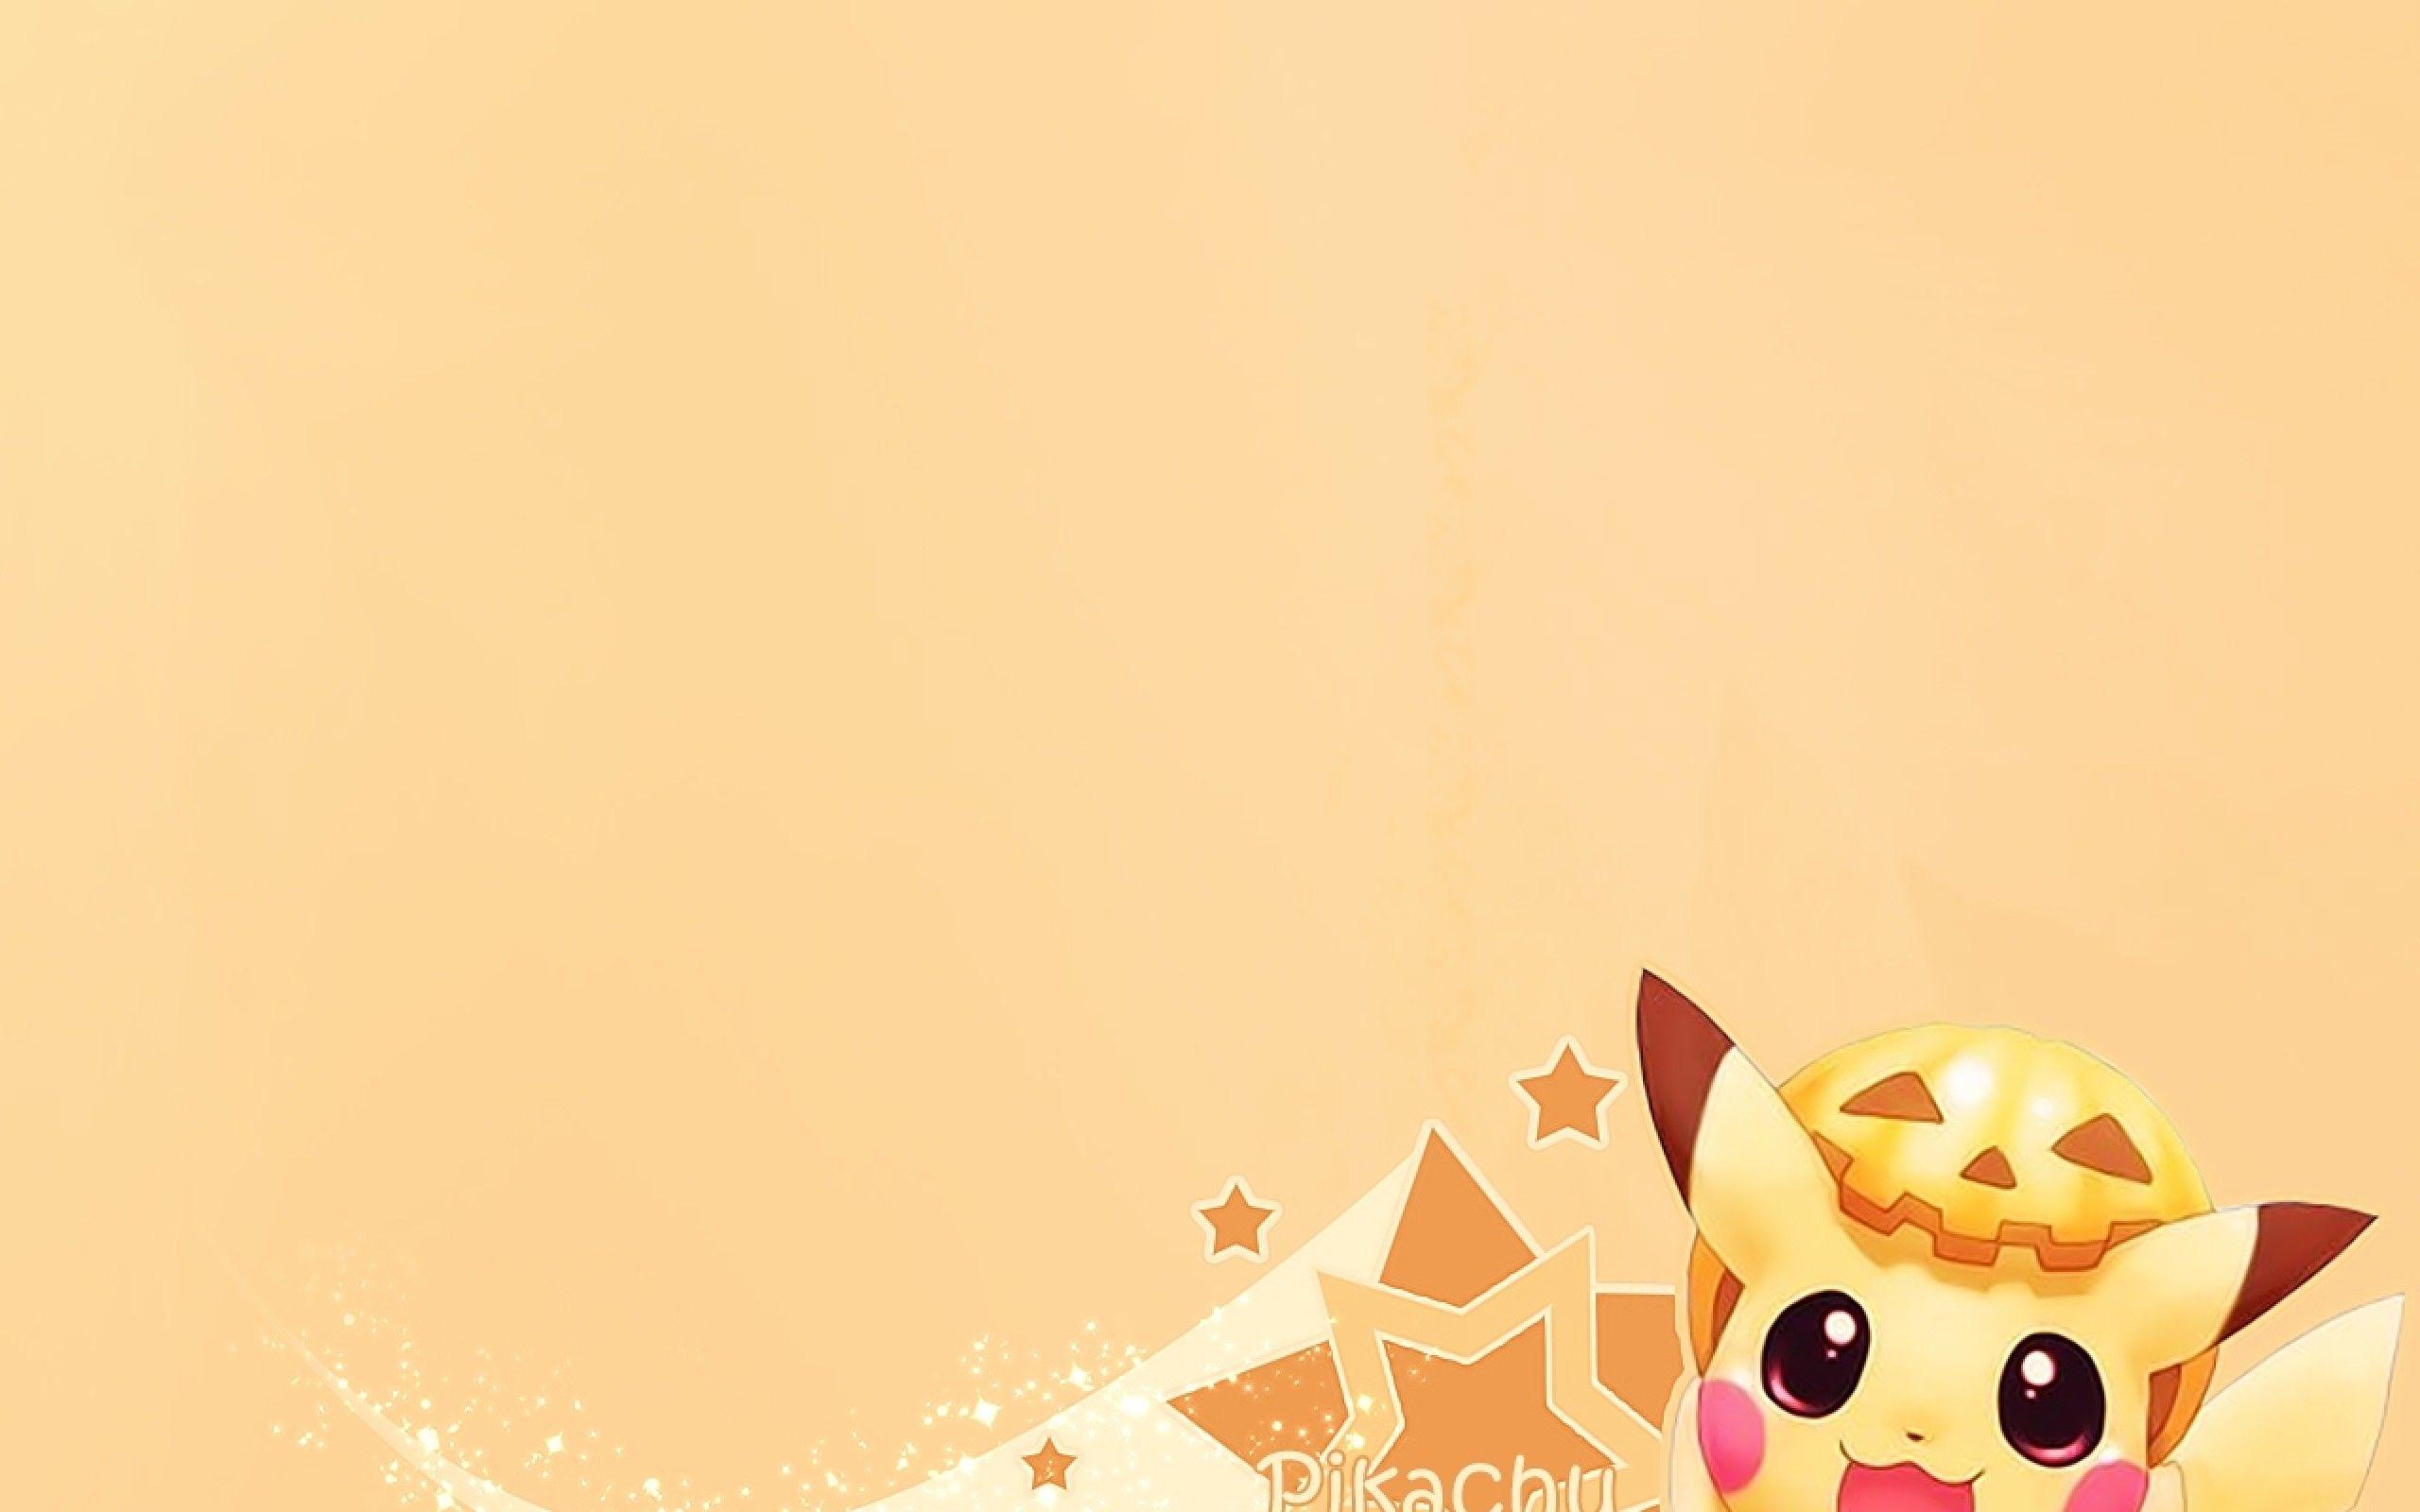 Hình nền Pikachu 2560x1600 cho Máy tính